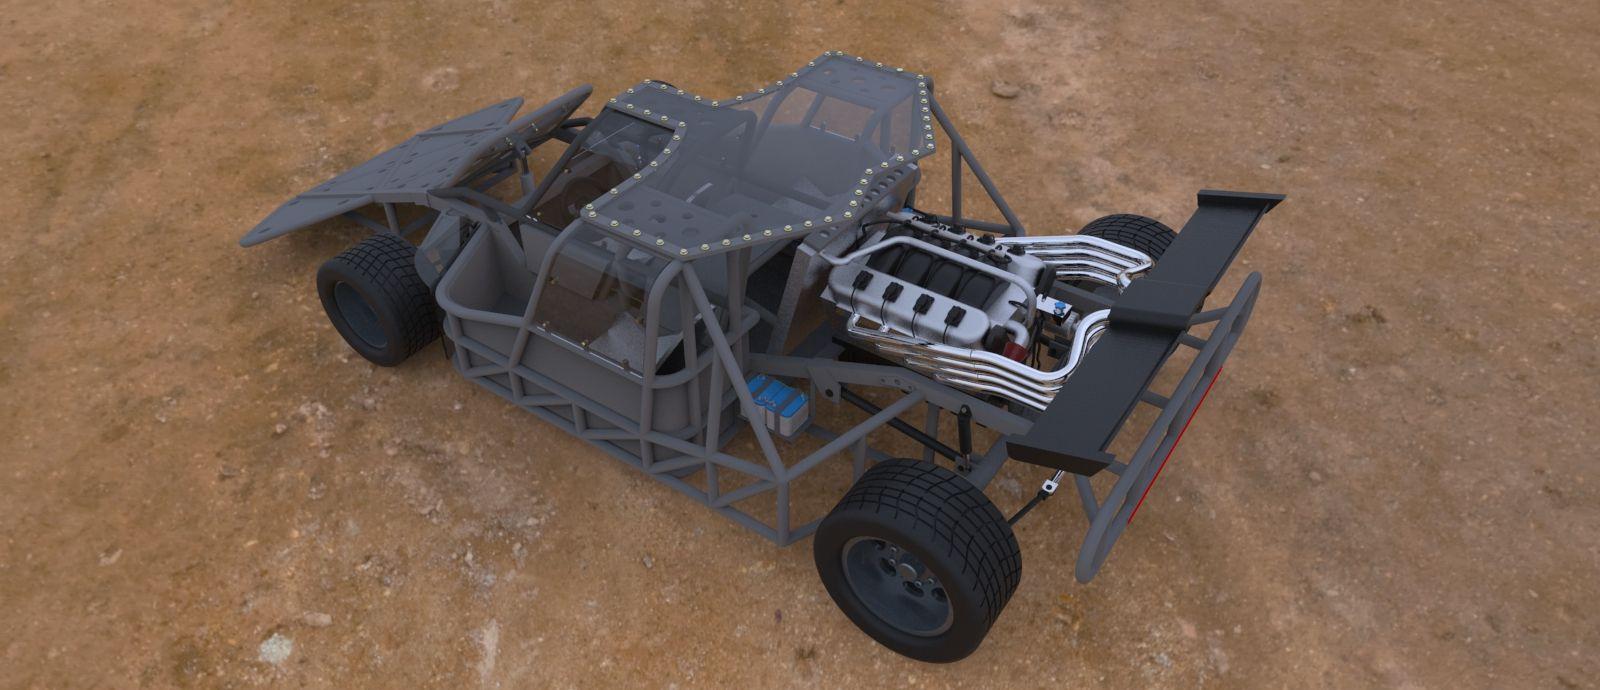 Ramp-car-vr-43-3500-3500